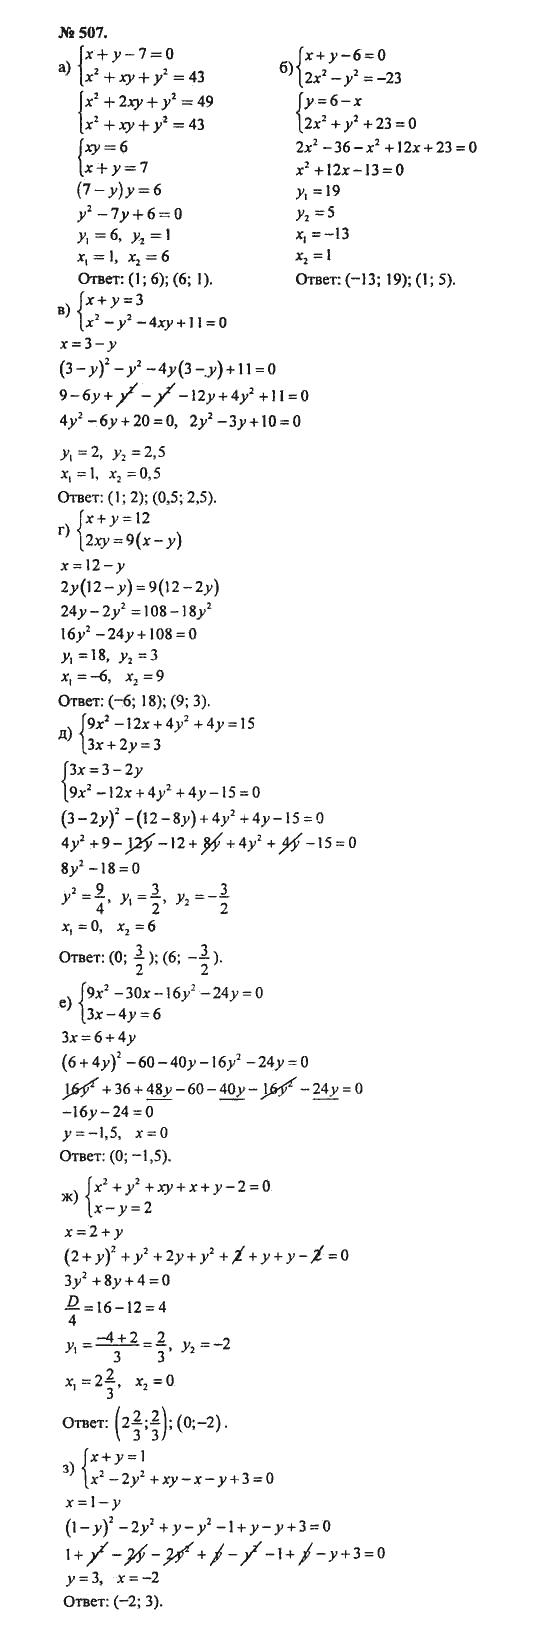 гдз алгебра 8 класс рт 2